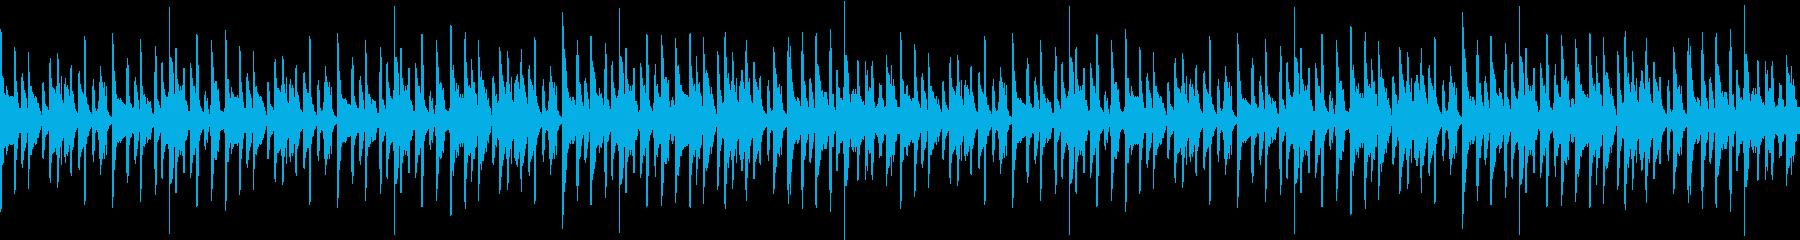 ノリの良いアーバンテイストポップループの再生済みの波形